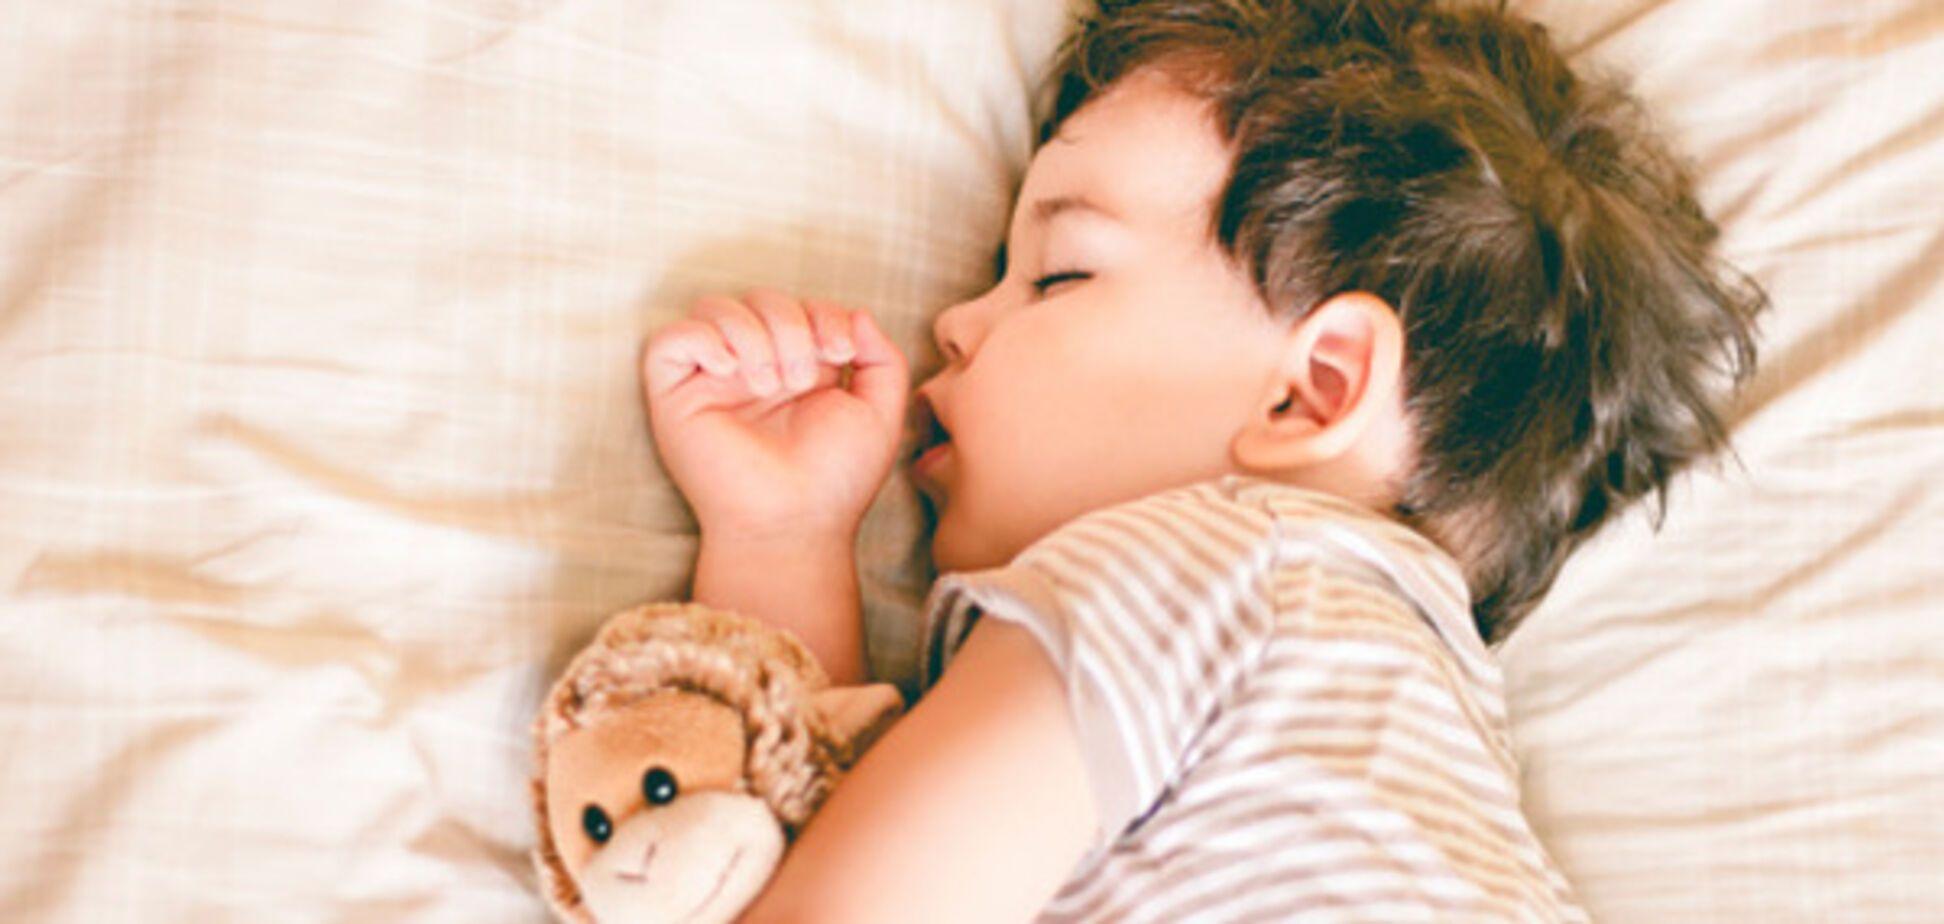 Дитячий лунатизм: експерт назвав основні правила поведінки батьків